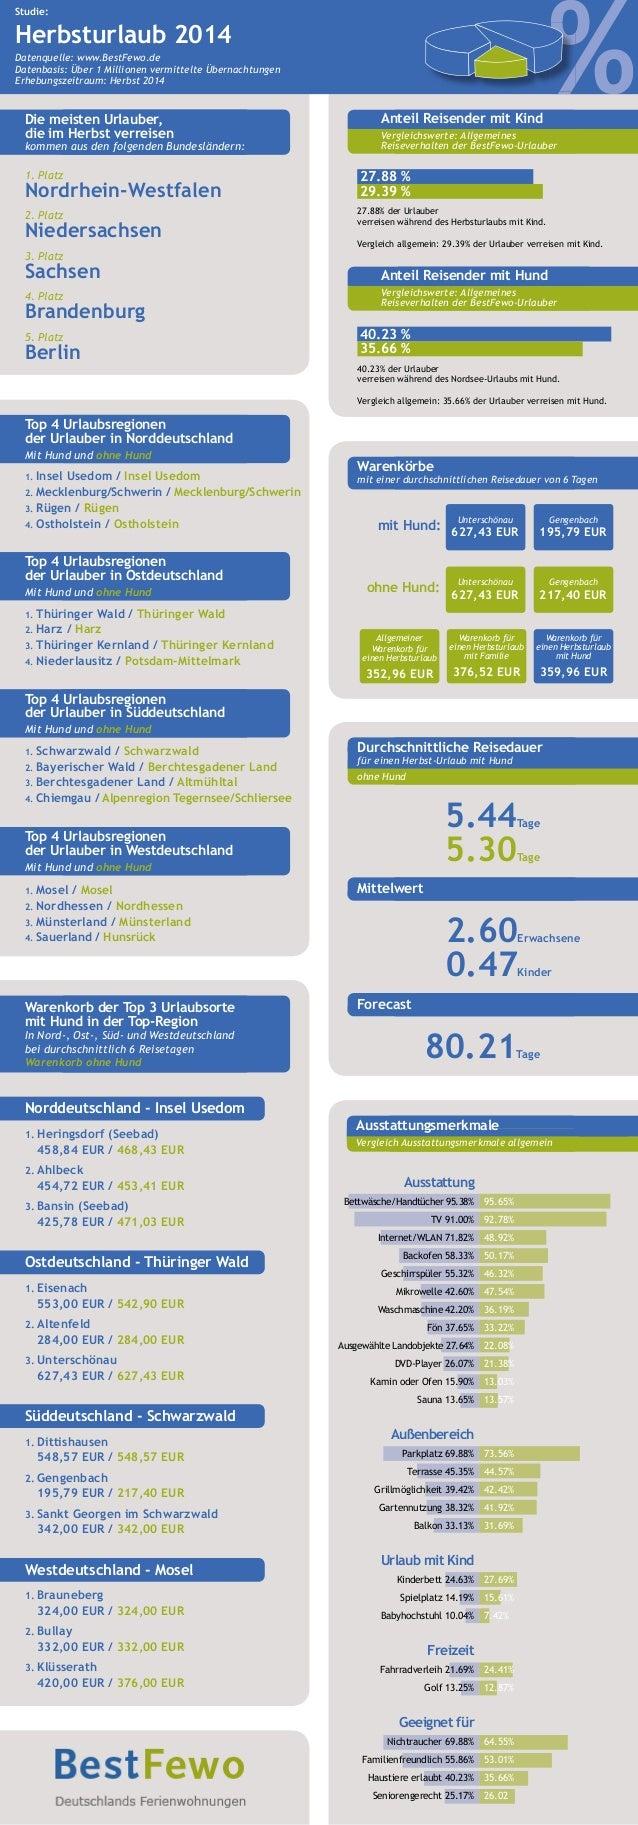 Studie:  Herbsturlaub 2014  % Datenquelle: www.BestFewo.de  Datenbasis: Über 1 Millionen vermittelte Übernachtungen  Erheb...